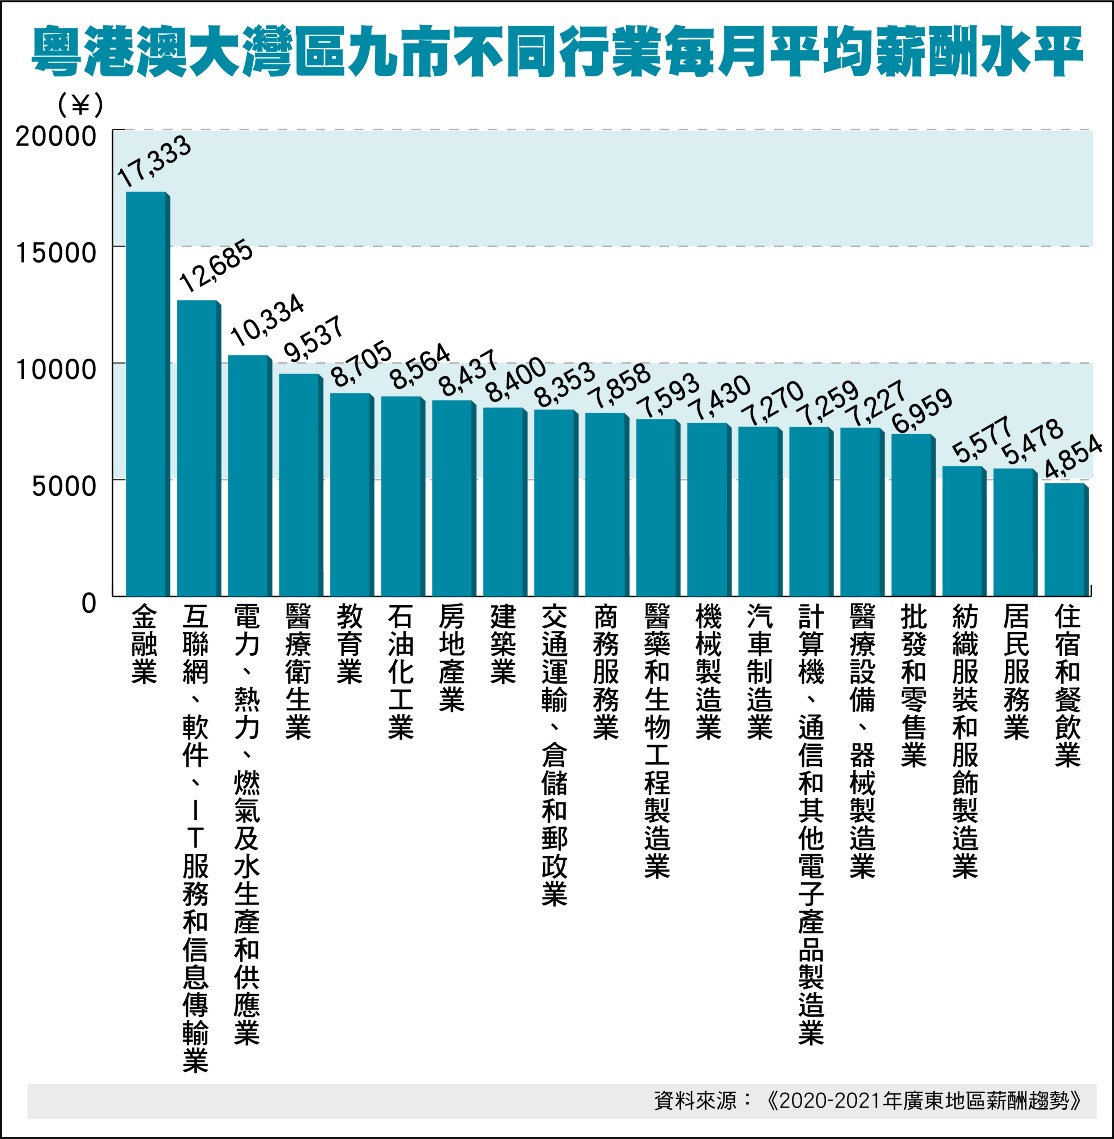 當代中國-粵港澳大灣區-樂活灣區-深圳速度